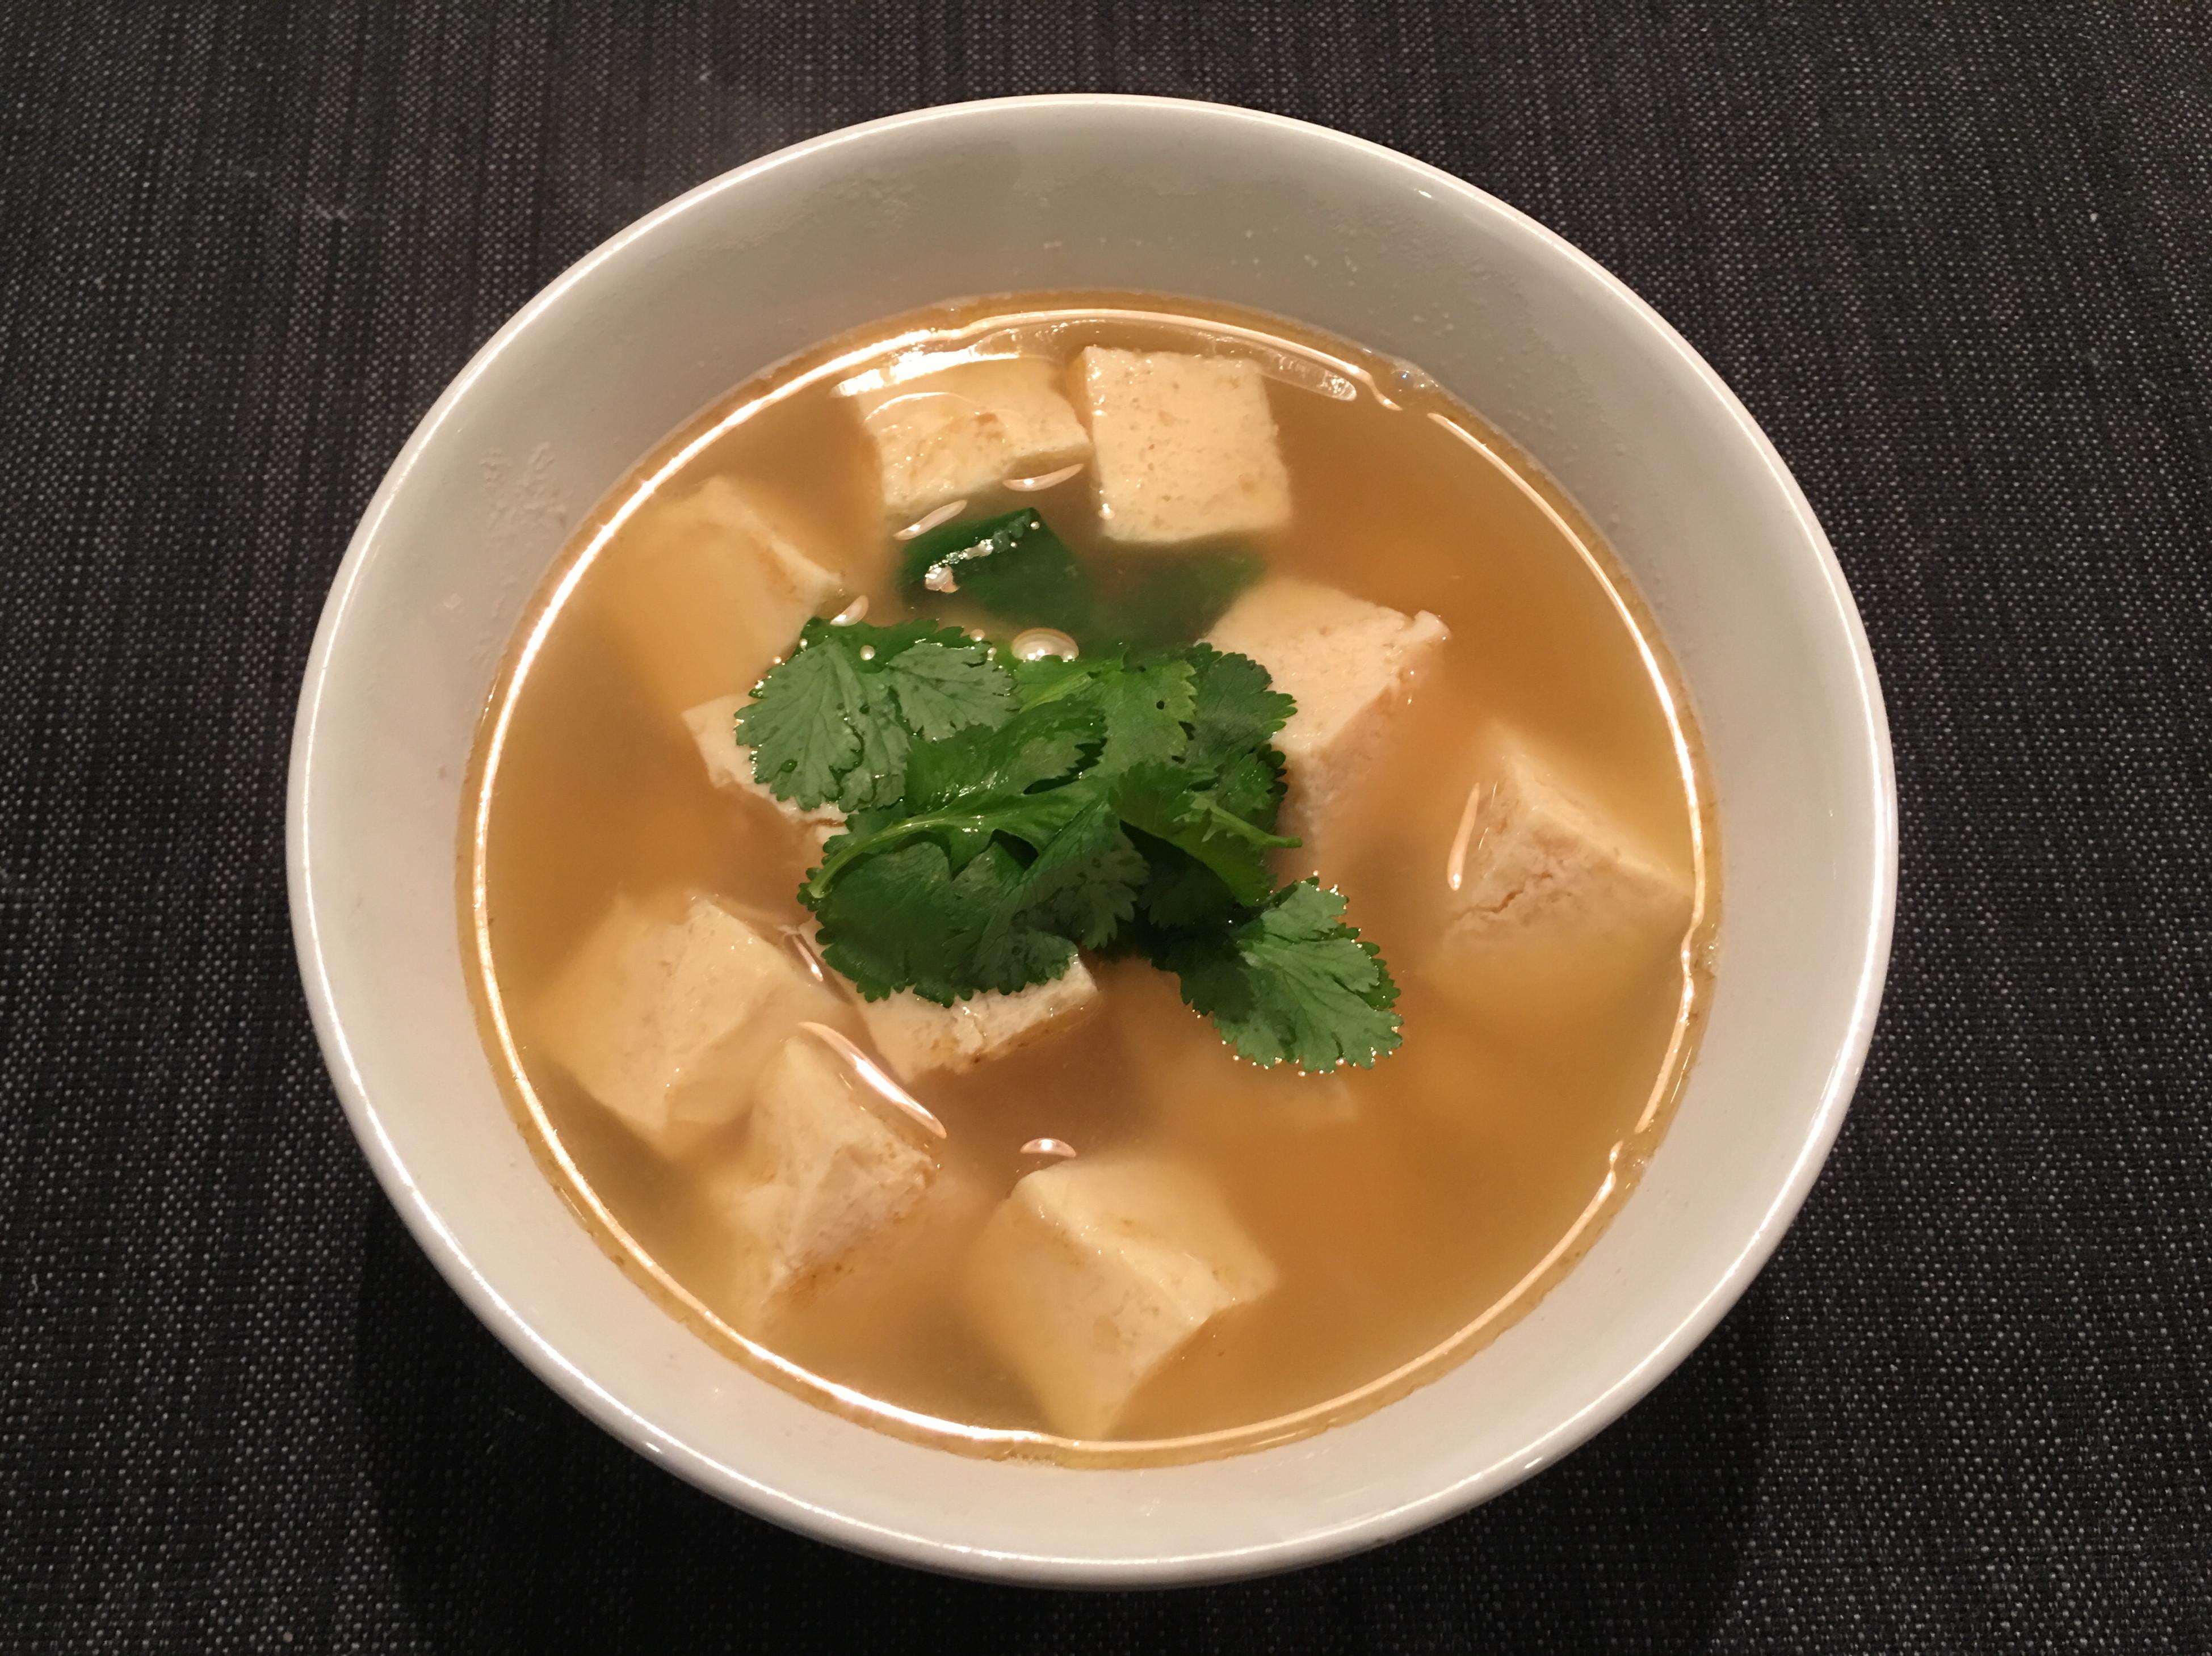 魚骨高湯(放冰箱後呈會果凍狀的膠質湯)